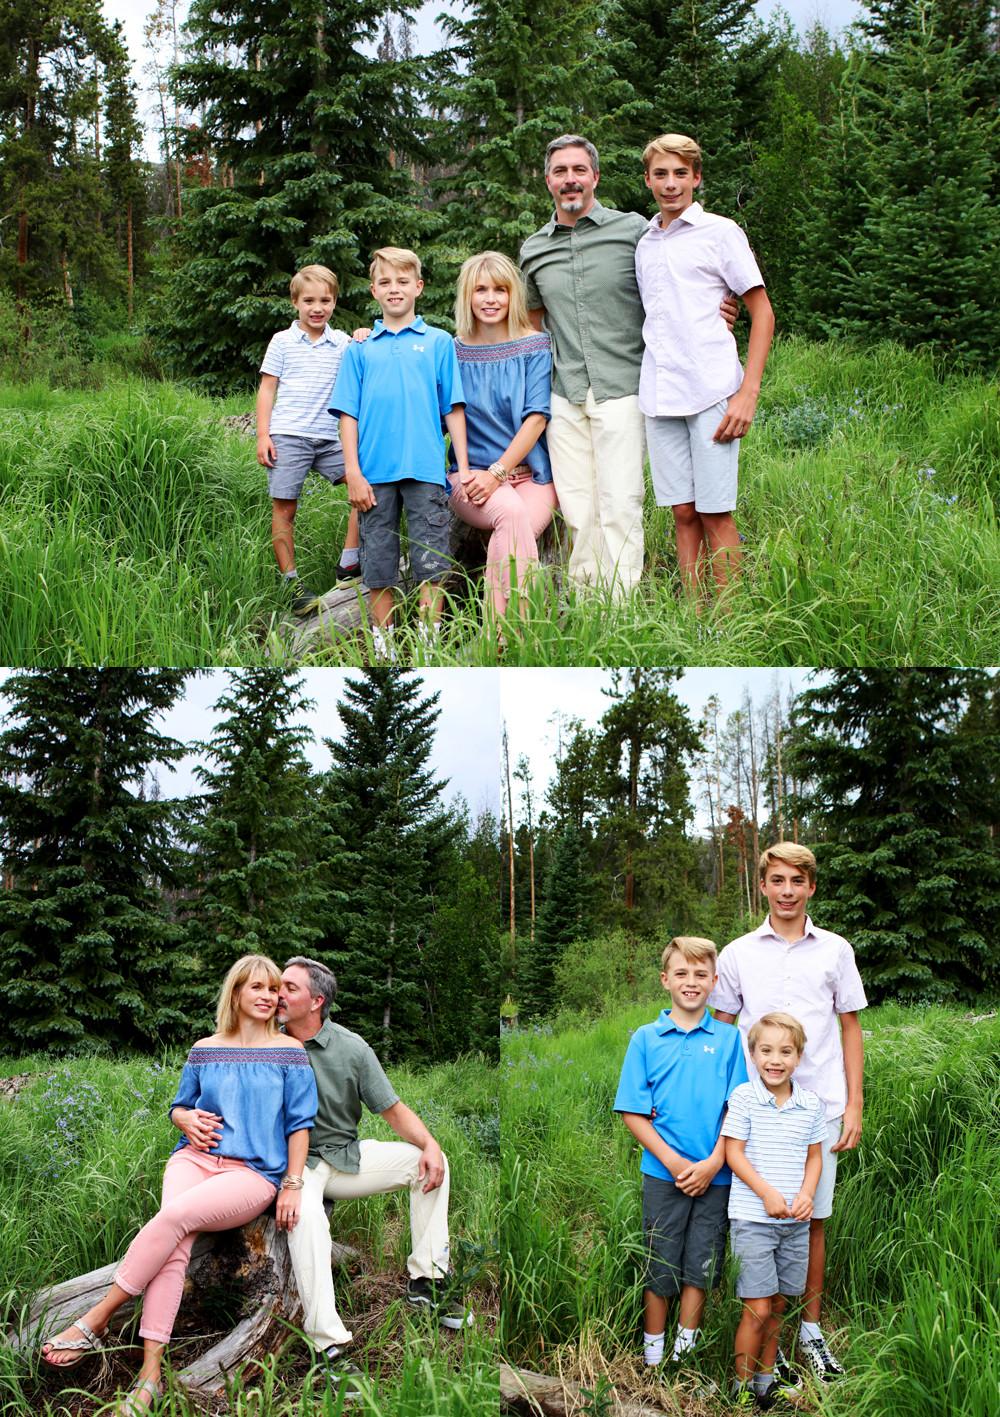 Breckenridge Colorado Family Reunion Photographer